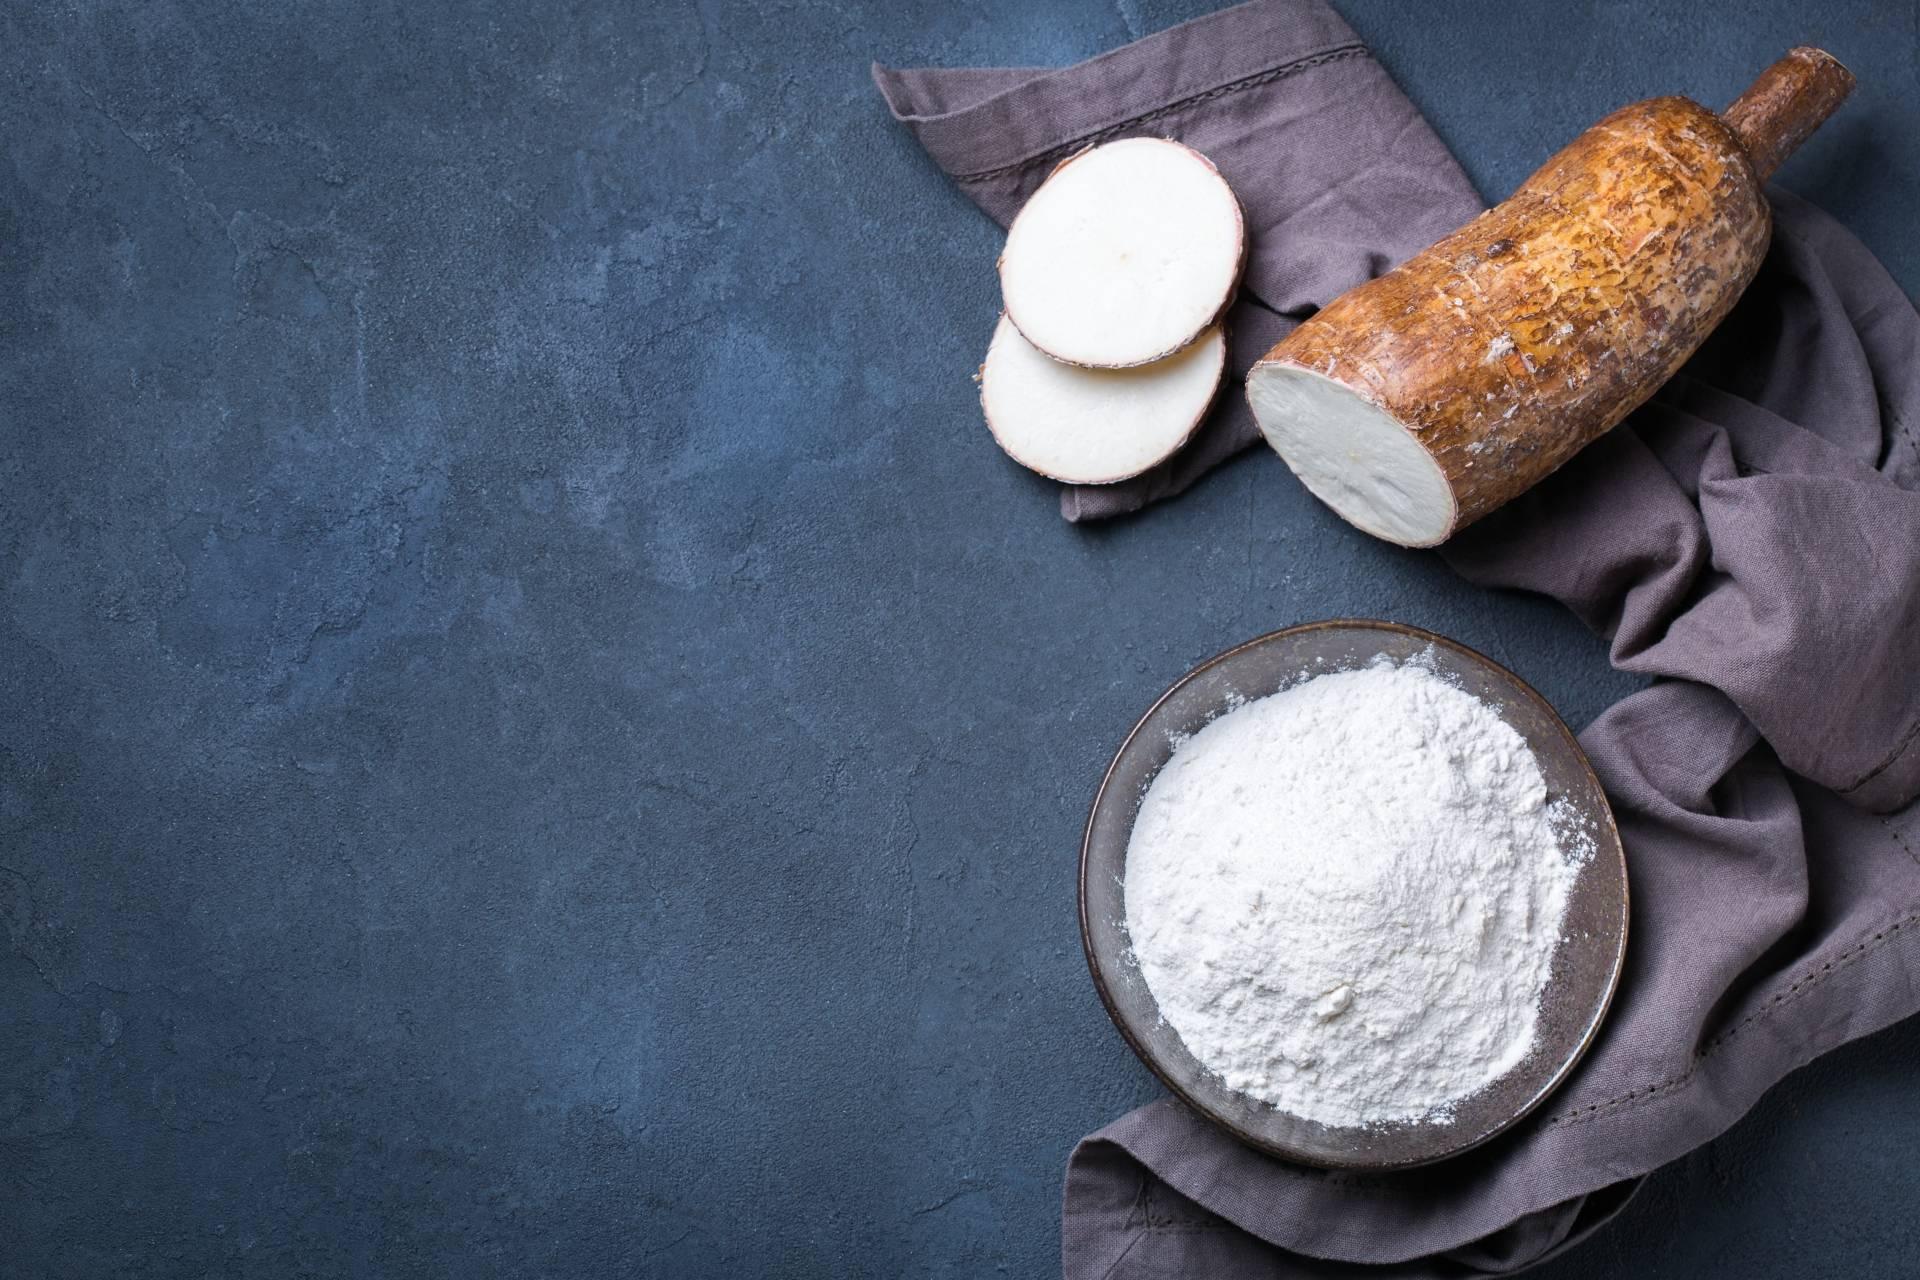 Mąka z tapioki w miseczce, obok leży maniok. Kompozycja na granatowym tle.